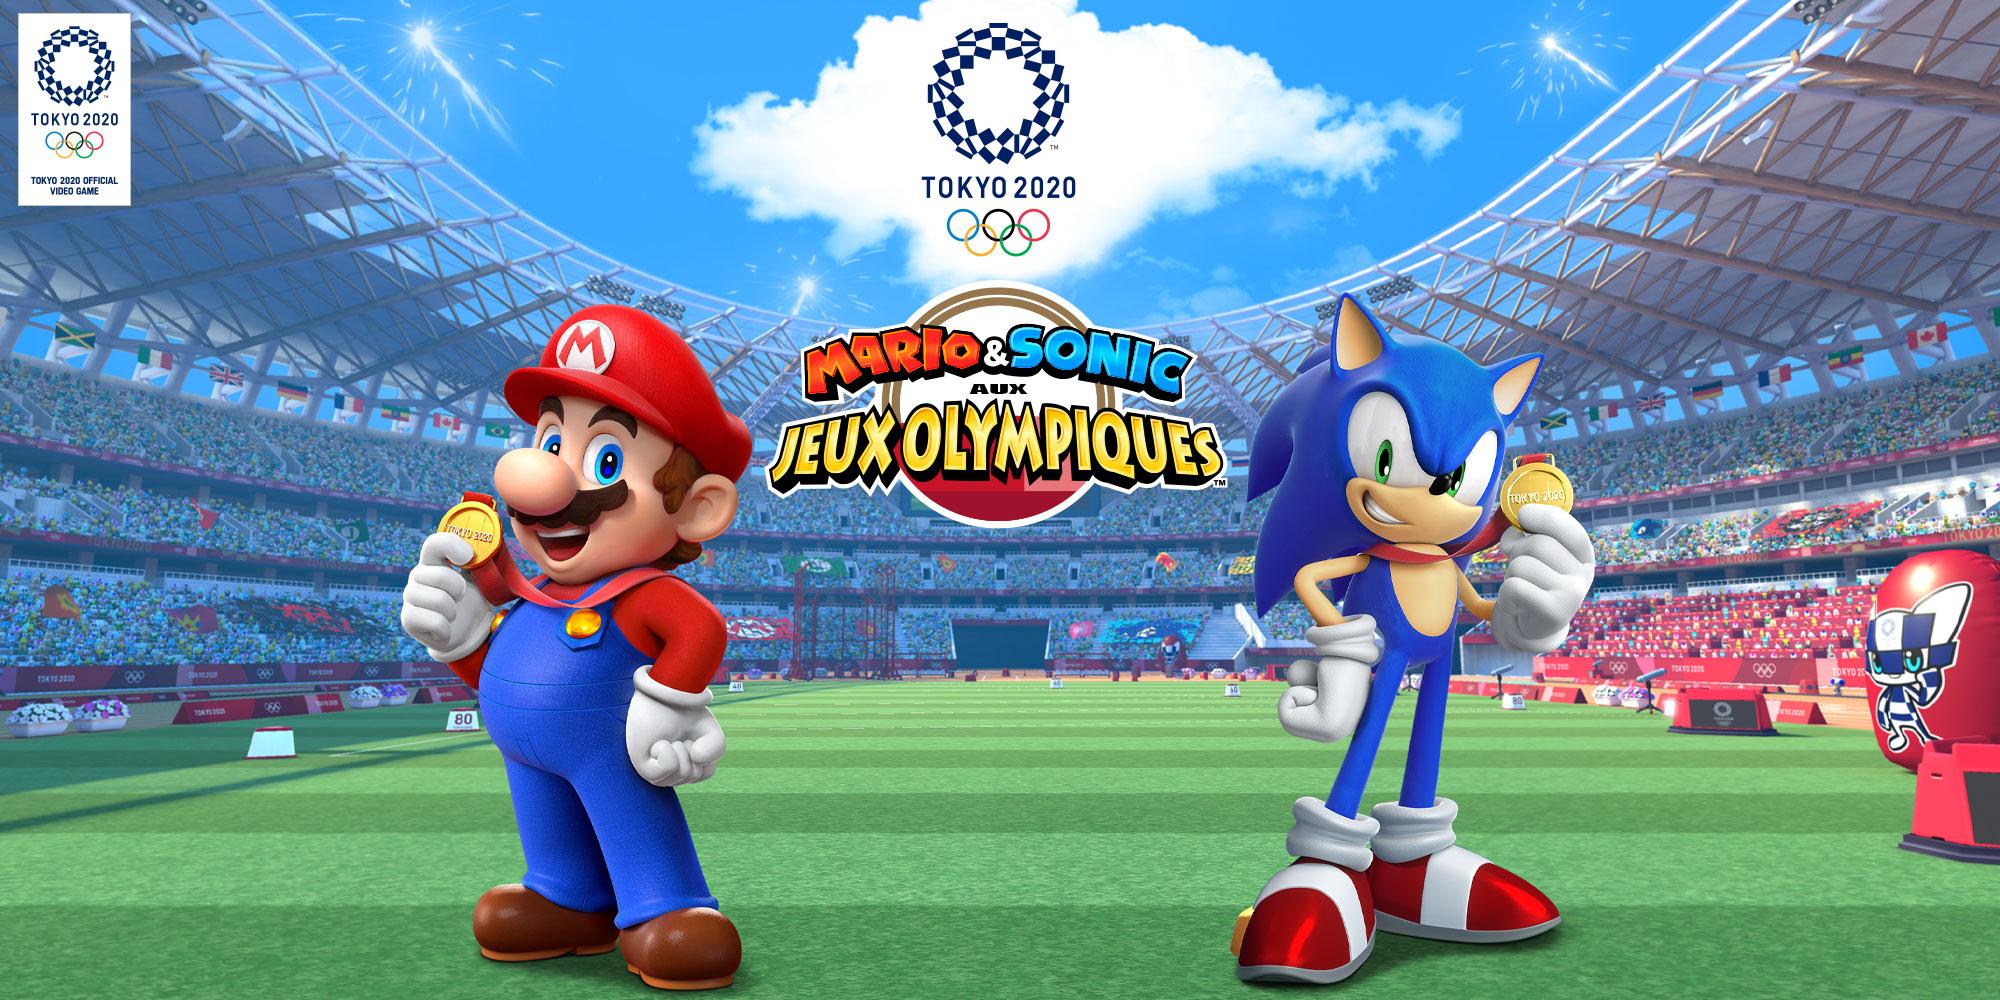 Mario & Sonic Aux Jeux Olympiques De Tokyo 2020 | Nintendo destiné Puissance 4 En Ligne Gratuit Contre Autre Joueur